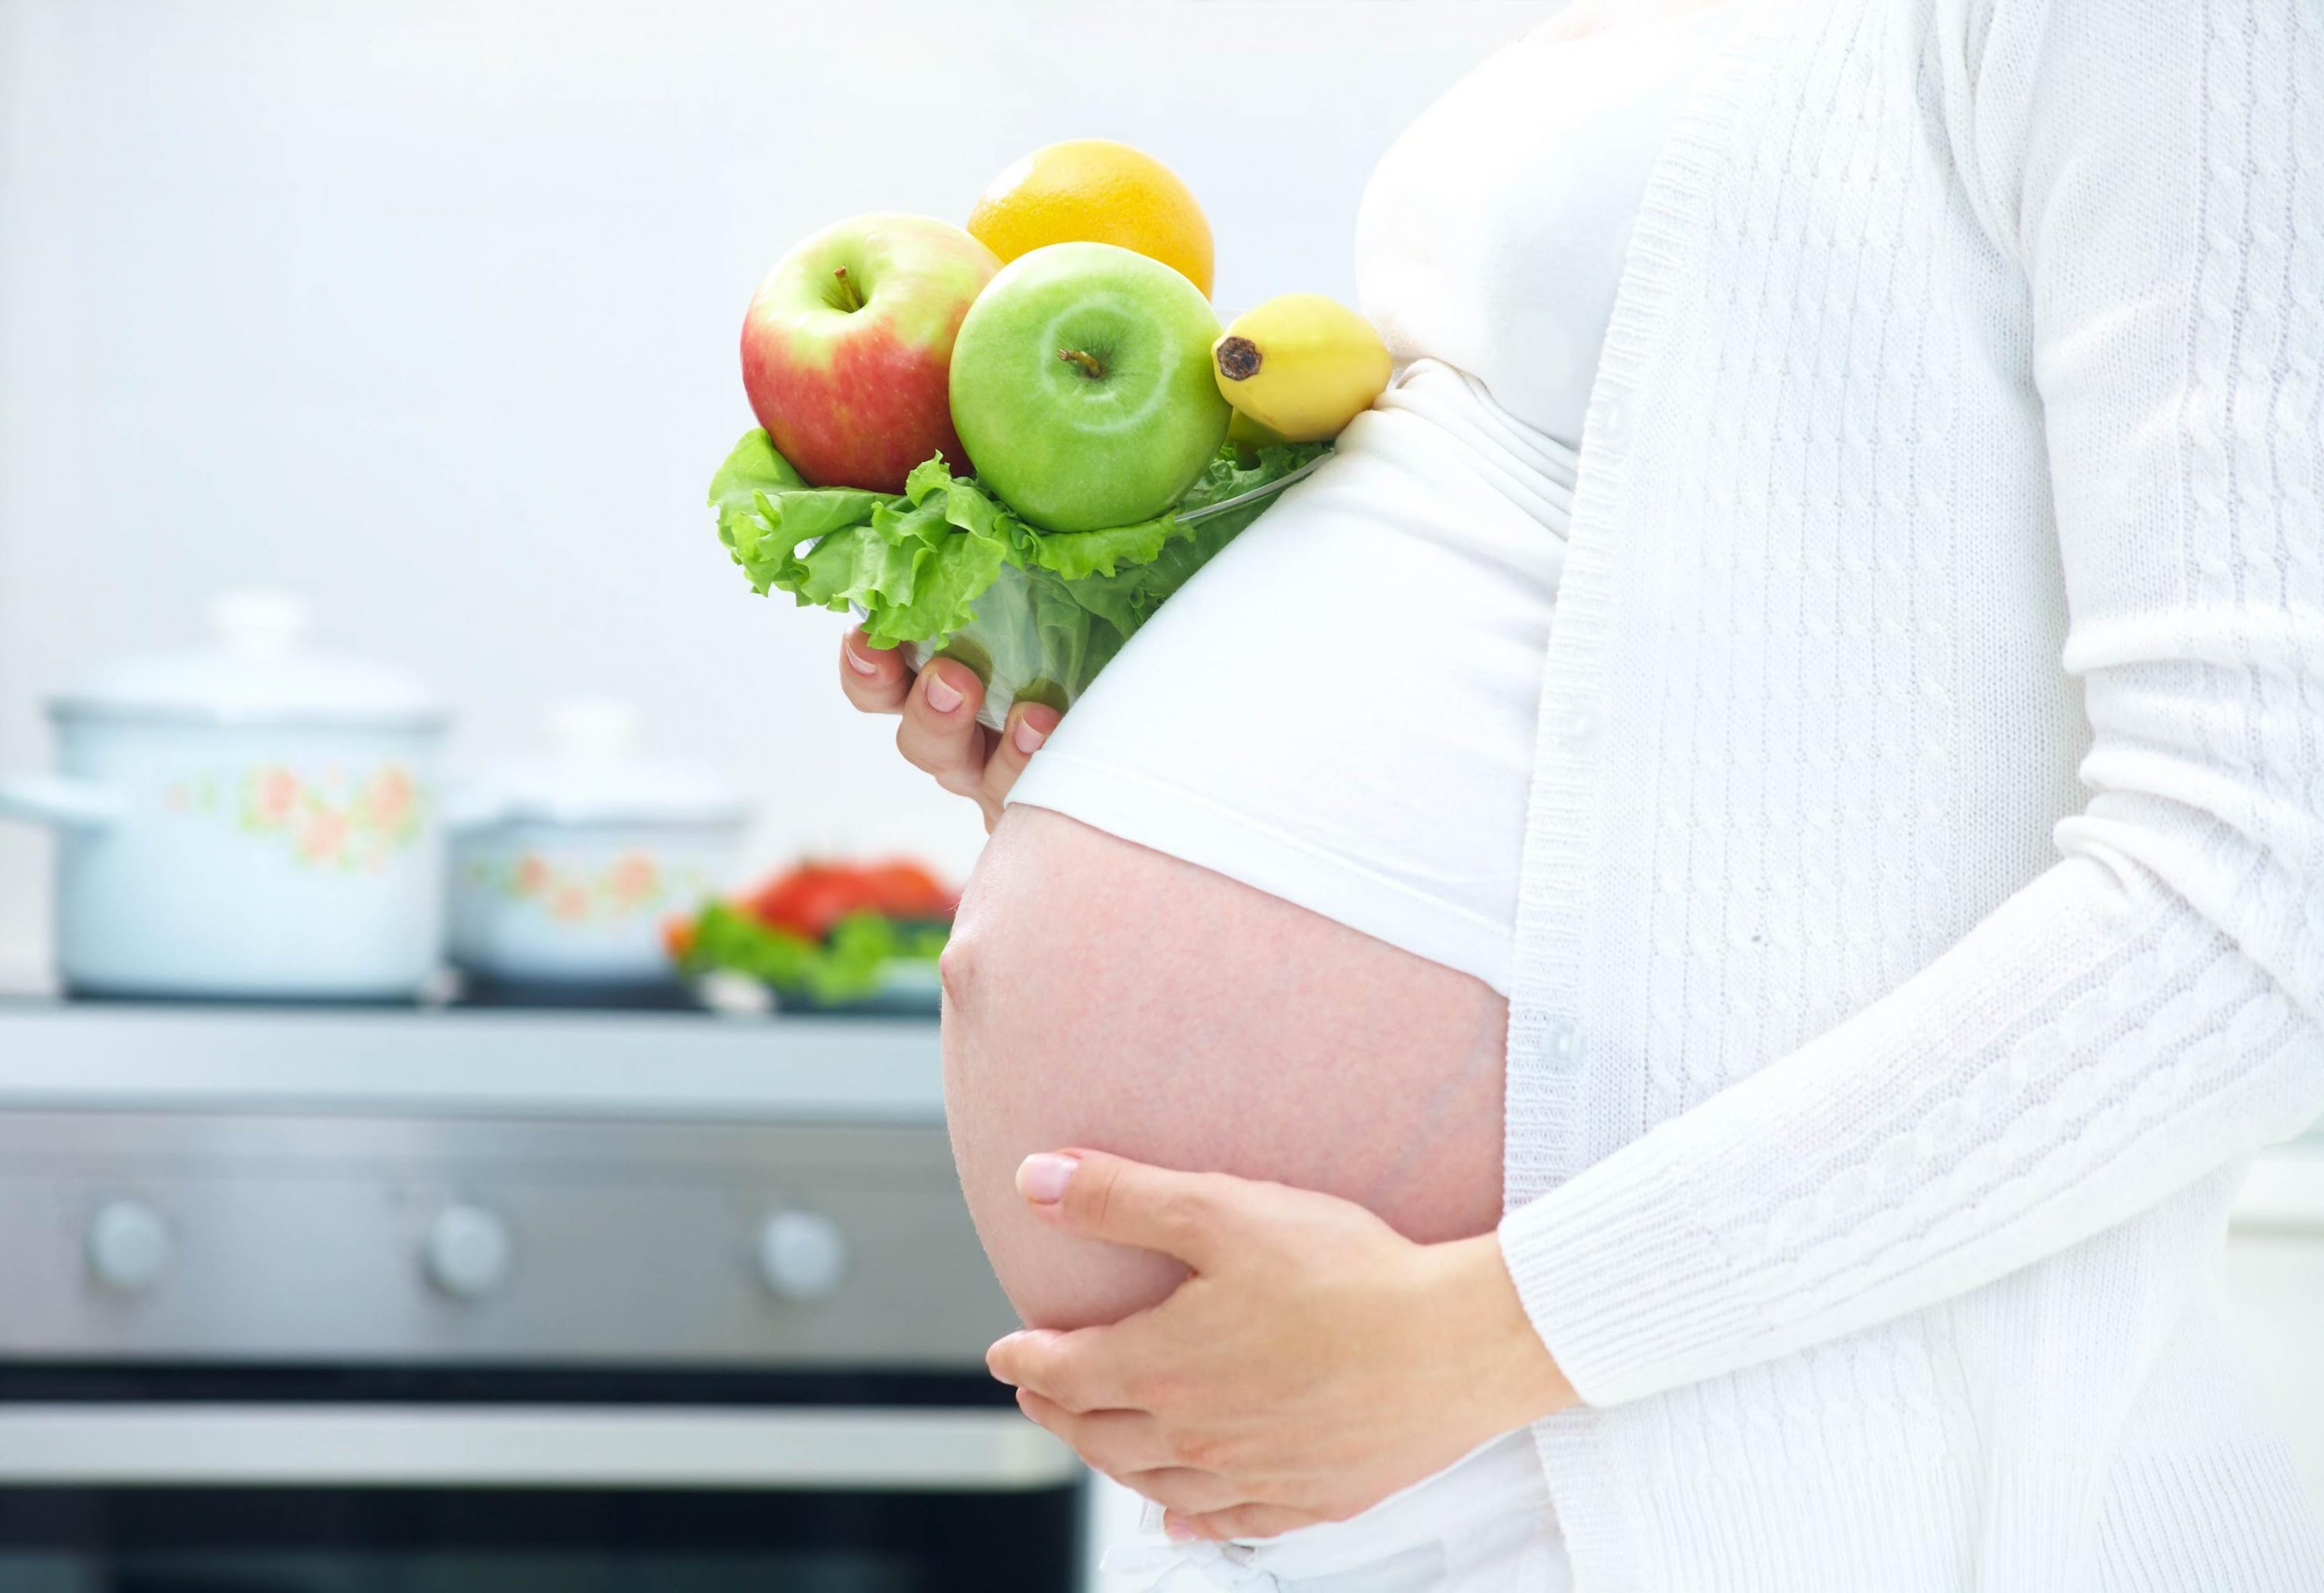 بالصور الاكل الصحي للحامل في الشهر الثامن 20160704 1672